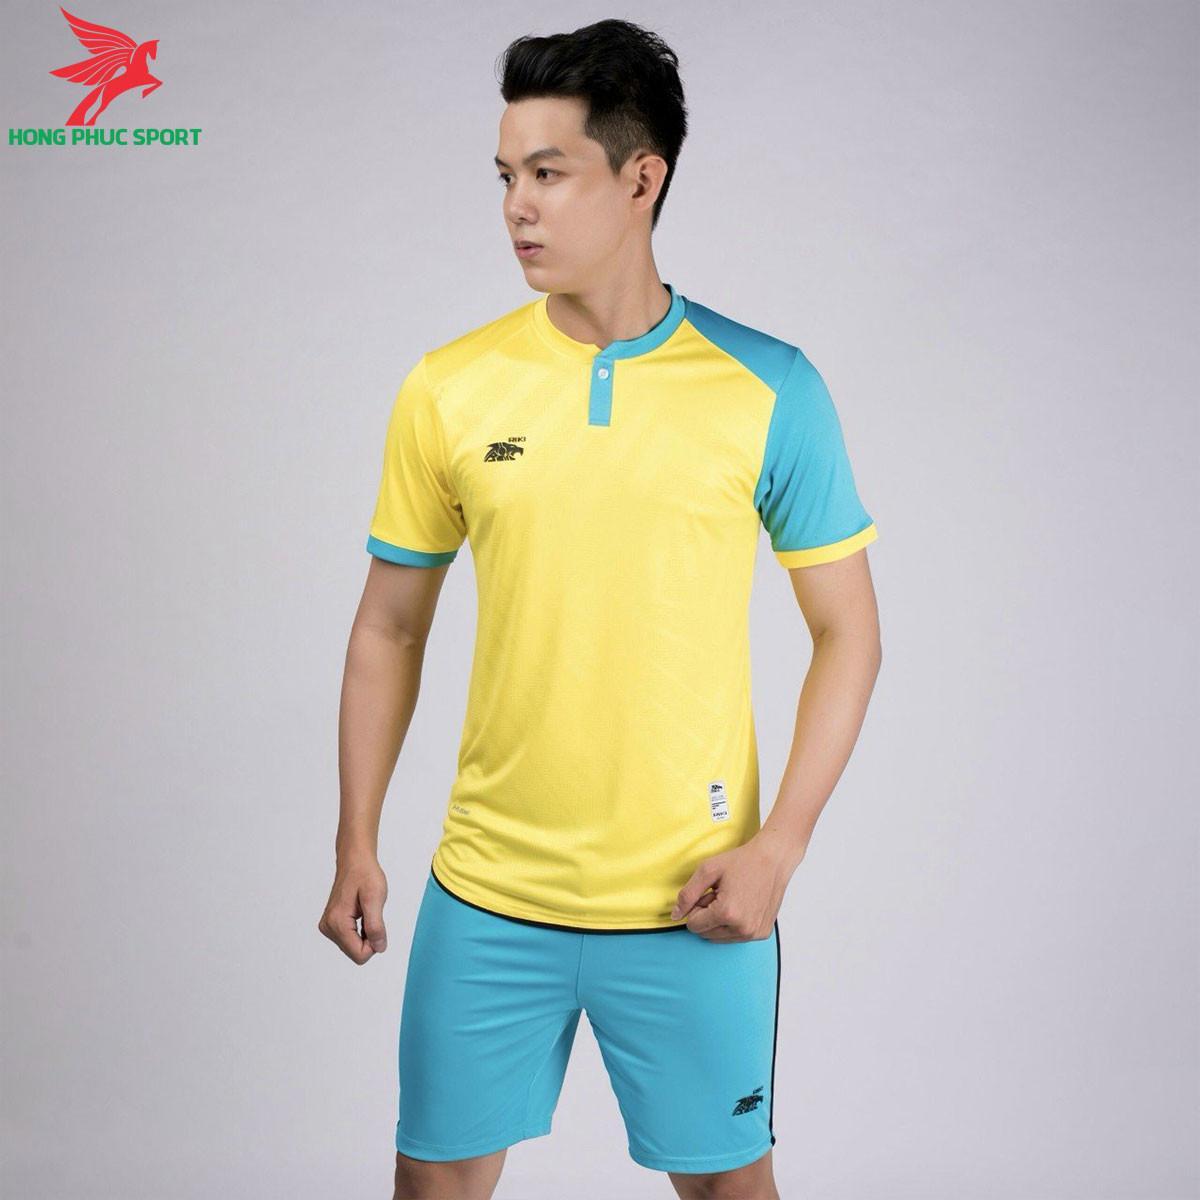 áo bóng đá không logo Riki Lostoran Vàng